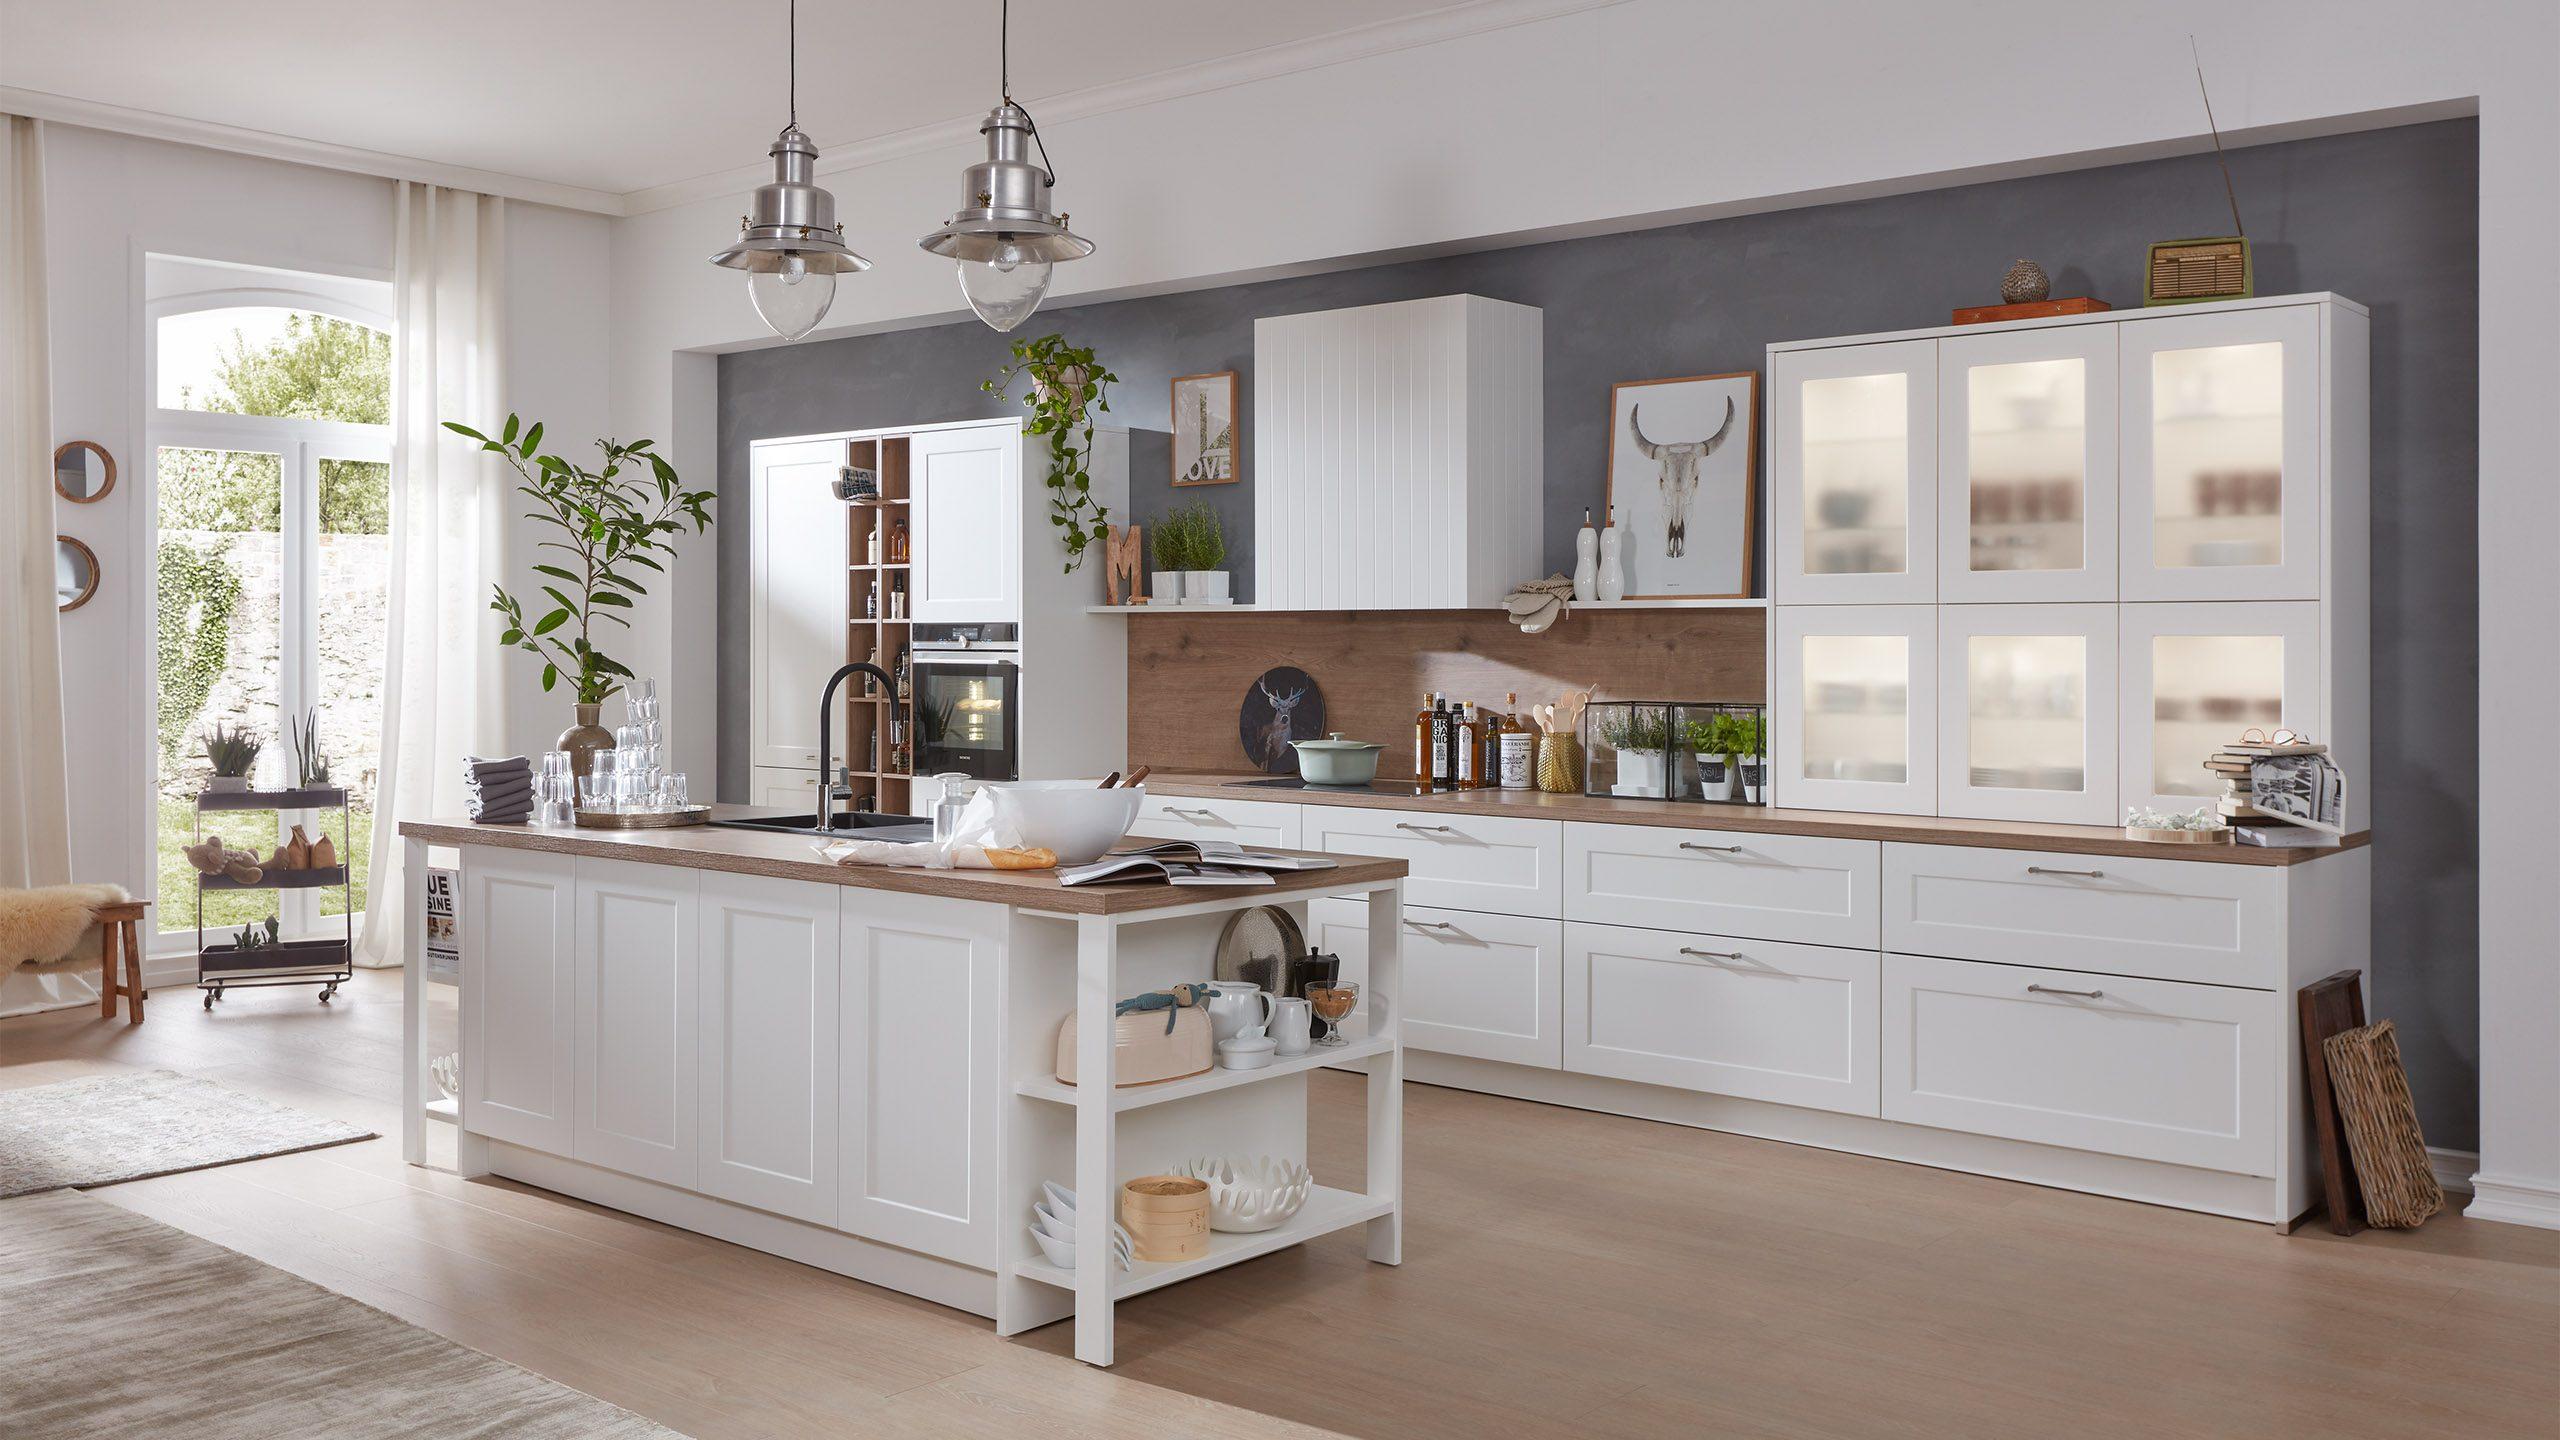 Full Size of Küchen Interliving Kche Serie 3002 Programm 3630 Kchen Regal Wohnzimmer Küchen